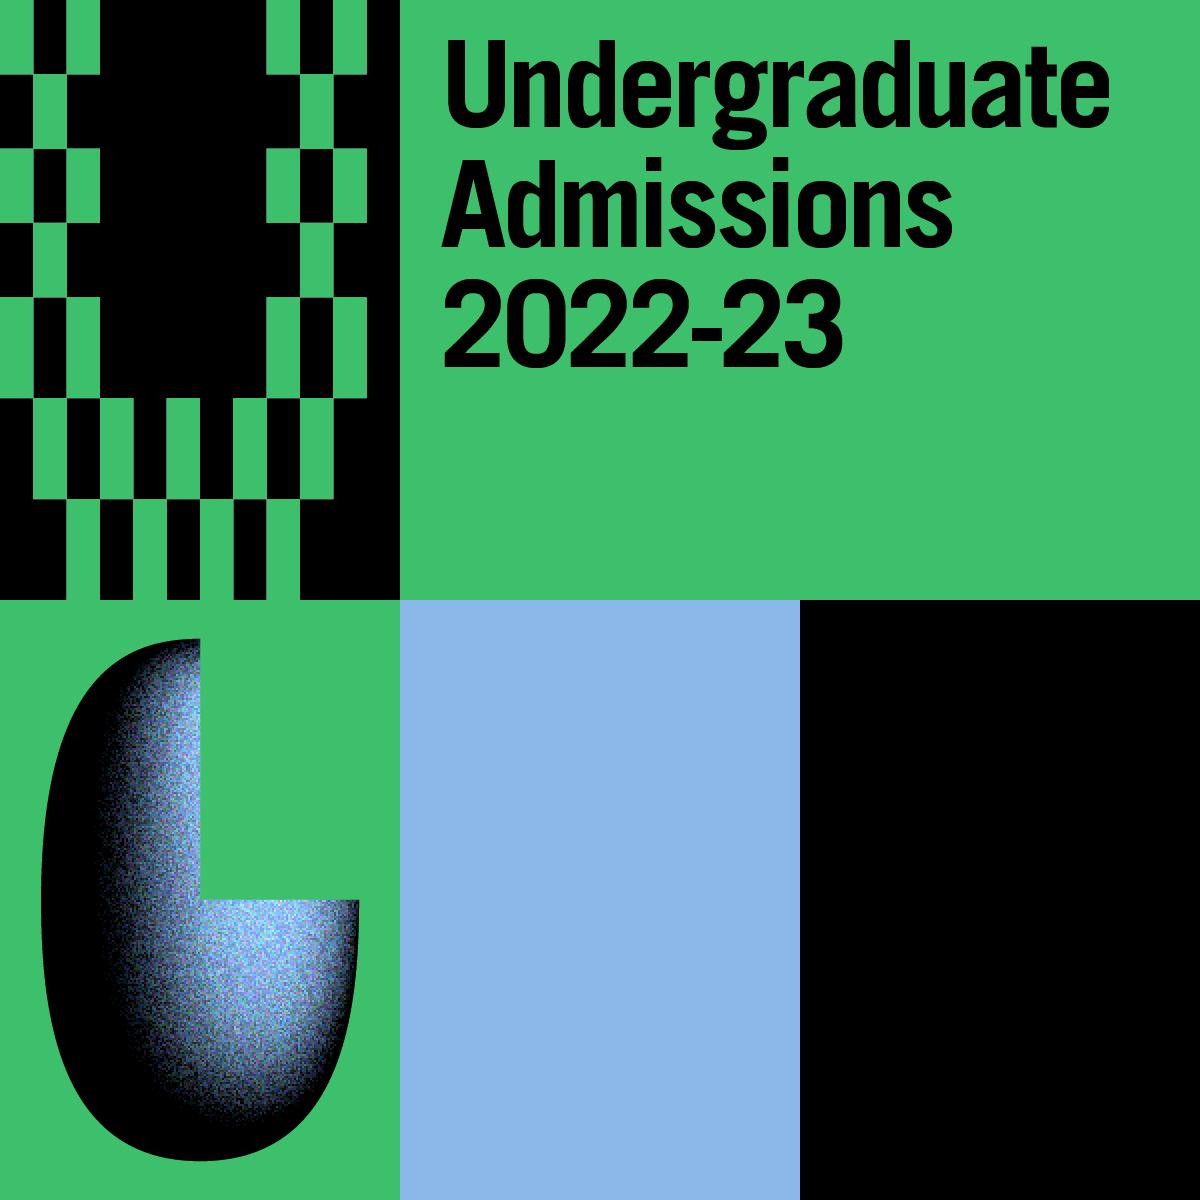 Undergraduate Admissions 2022-23